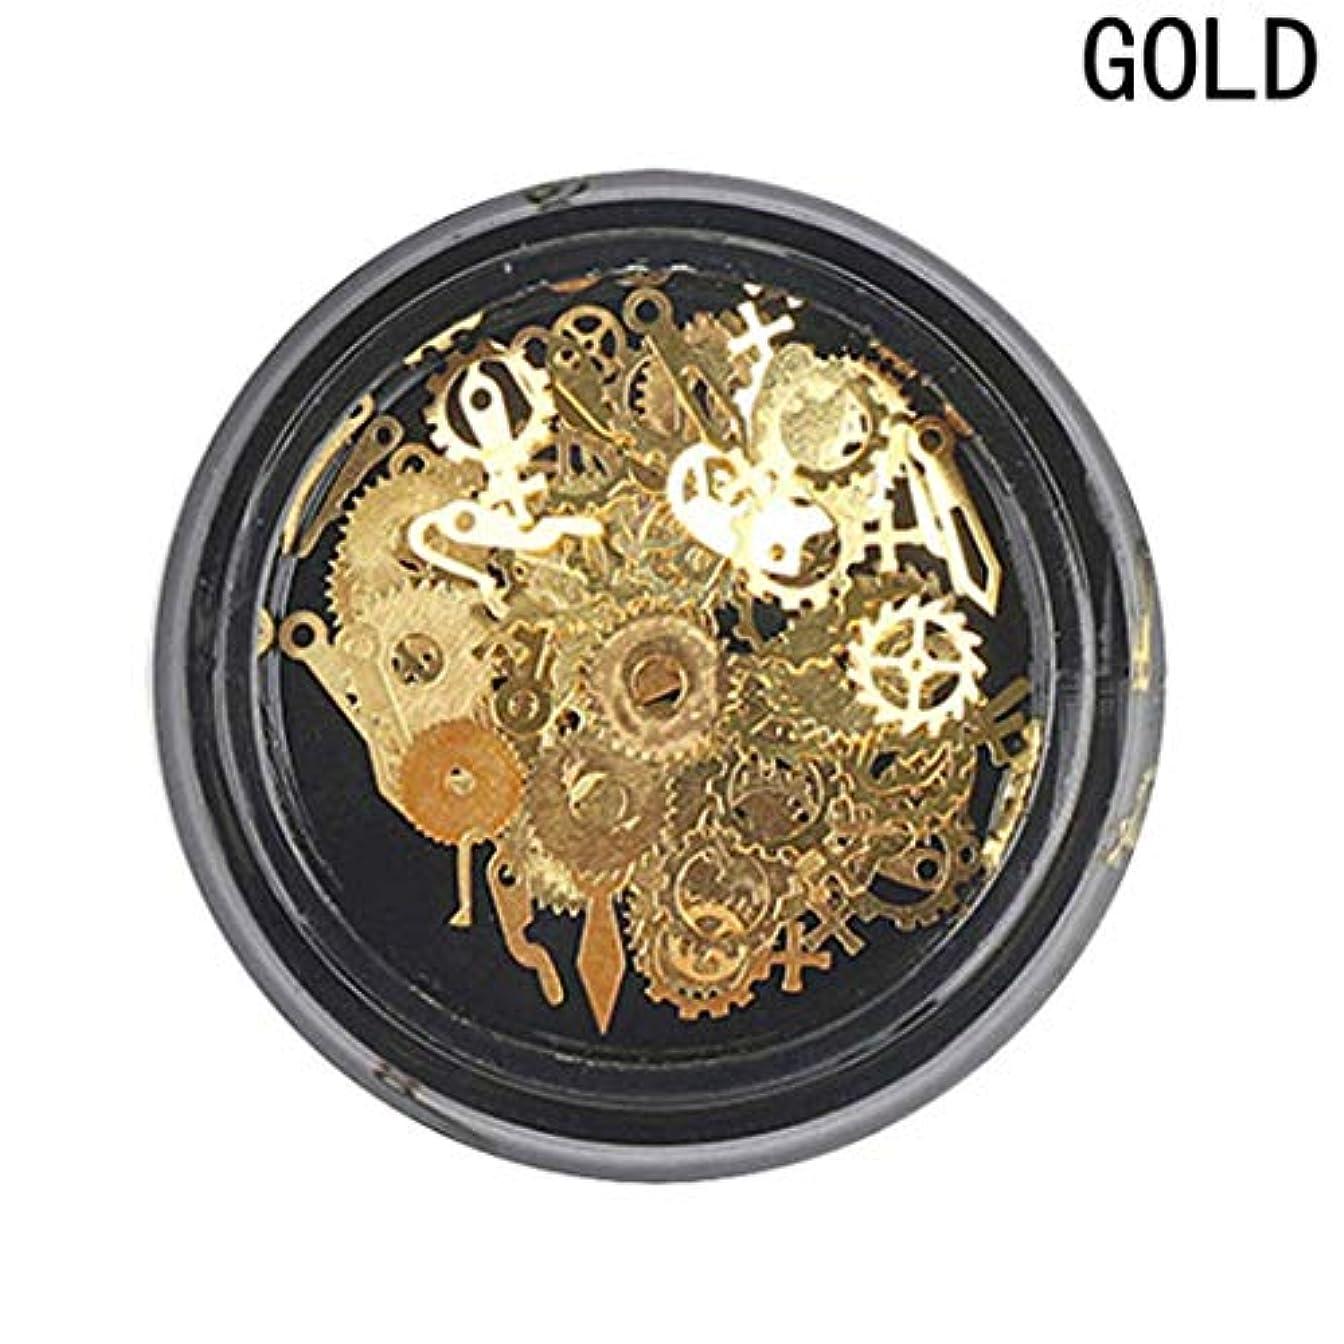 才能のあるレンダー膜Wadachikis ベストセラーファッションユニークな合金蒸気パンクギアネイルアート装飾金属スタイルの創造的な女性の爪DIYアクセサリー1ボックス(None golden)